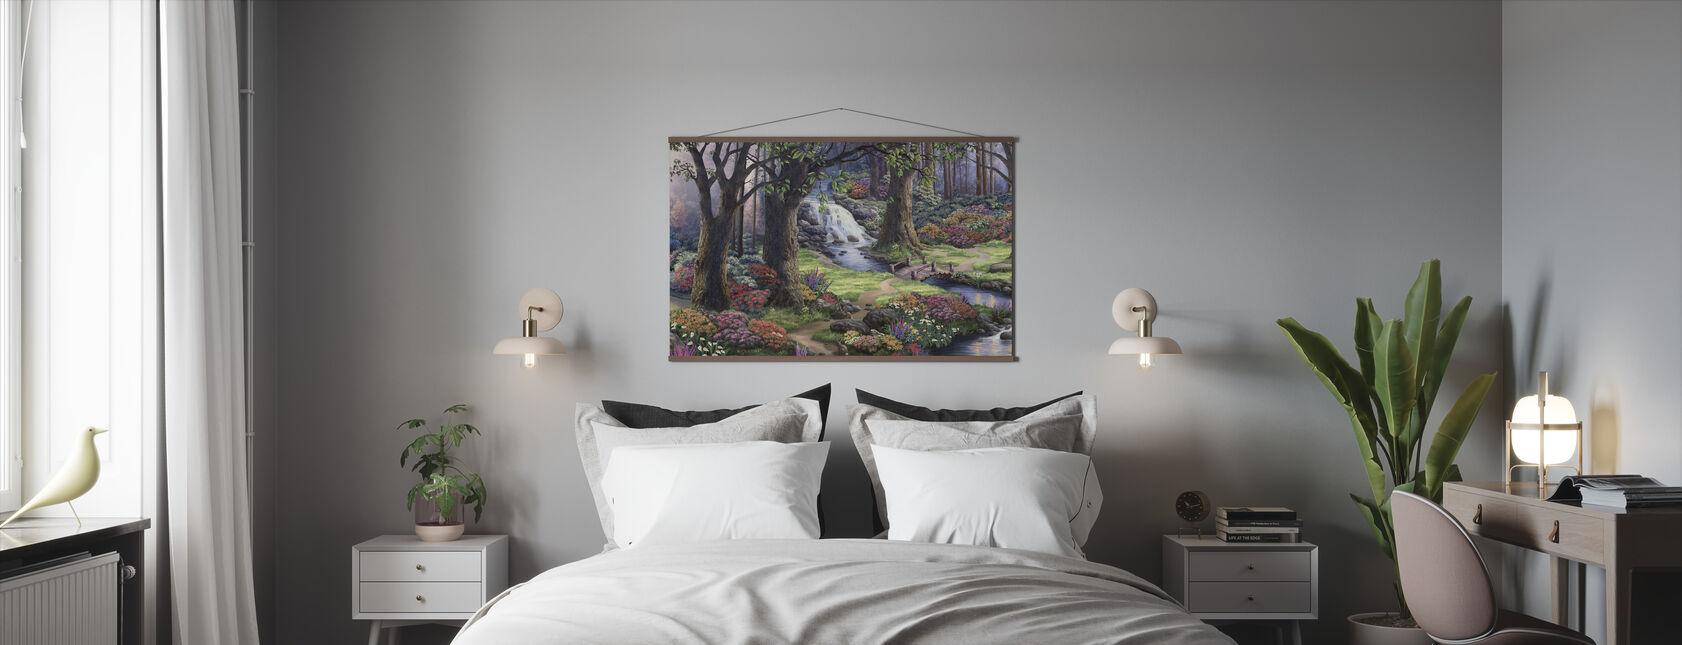 Dreamy Landscape - Poster - Bedroom